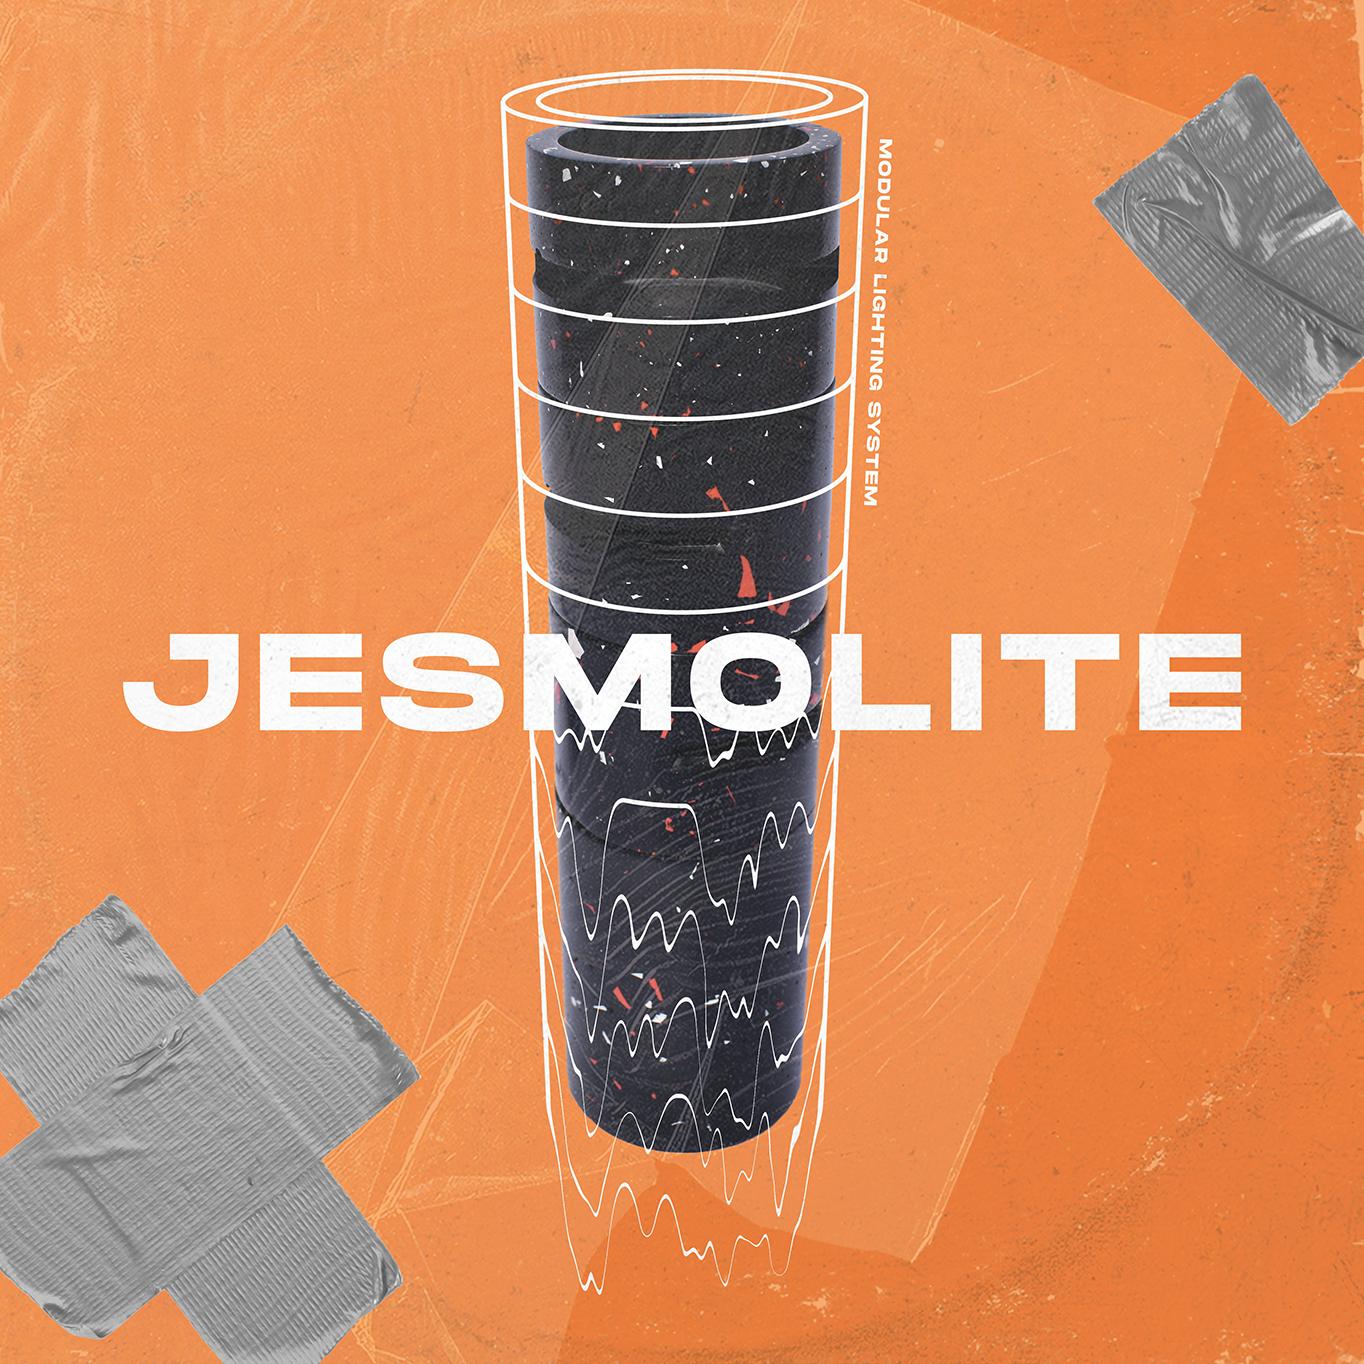 The Jesmolite